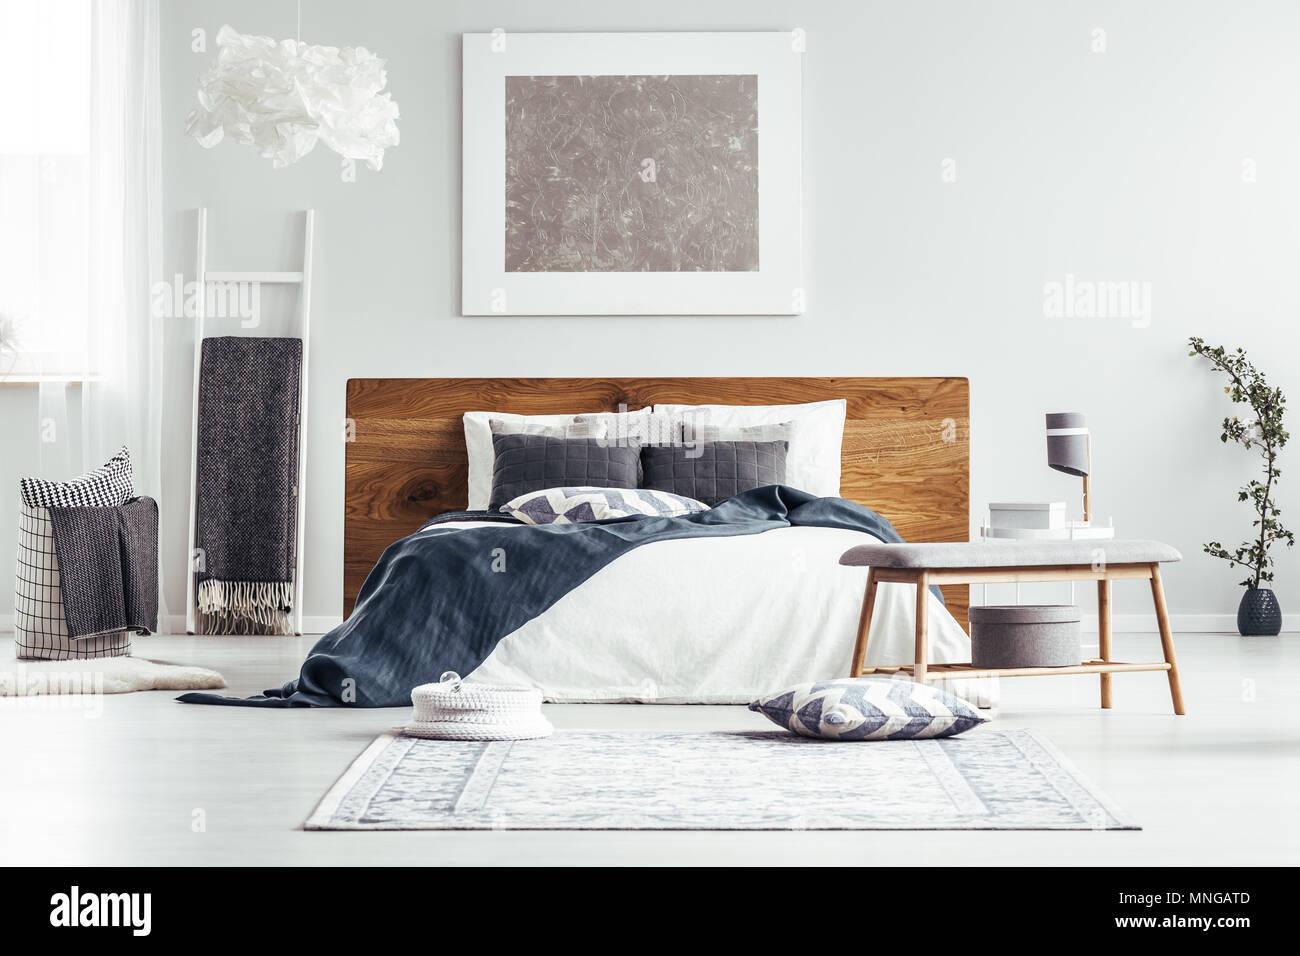 Silber Malerei auf weiße Wand über dem Bett in Designer Schlafzimmer Innenraum mit Leiter, Lampen und Bettwäsche Stockbild